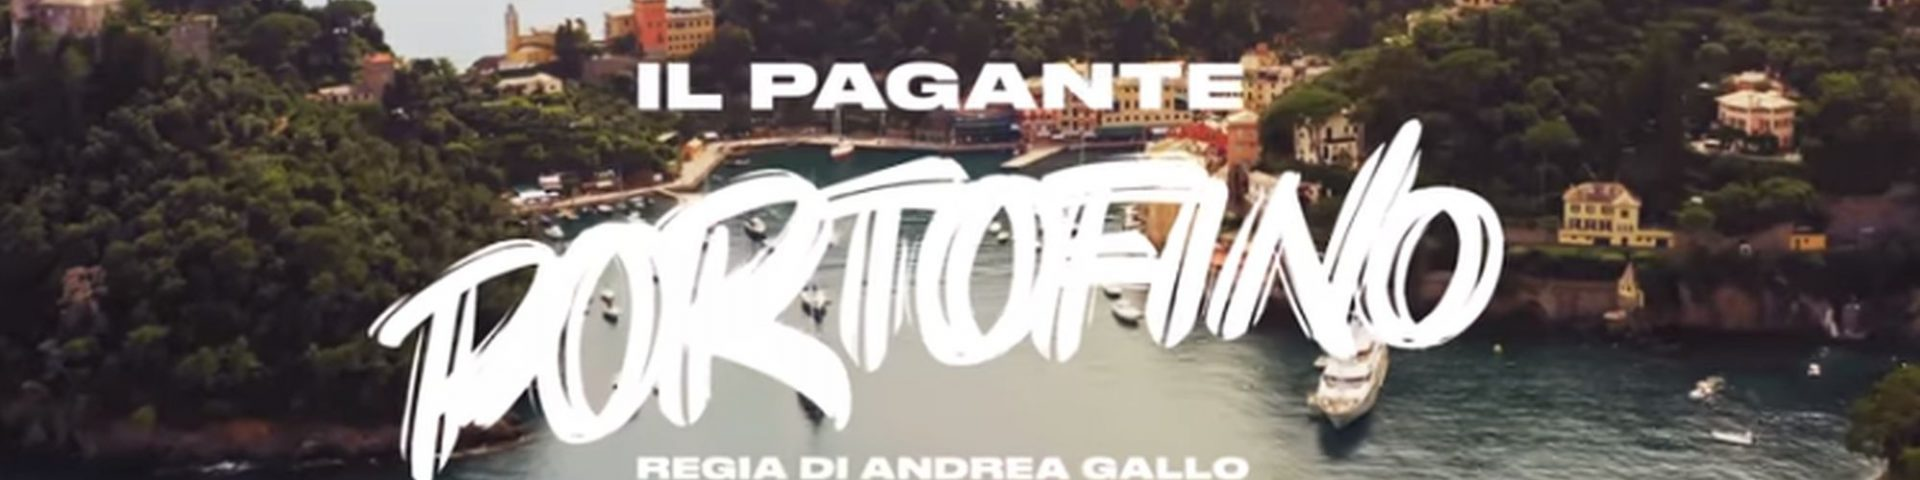 Portofino: di chi è la canzone tormentone su Tik Tok?